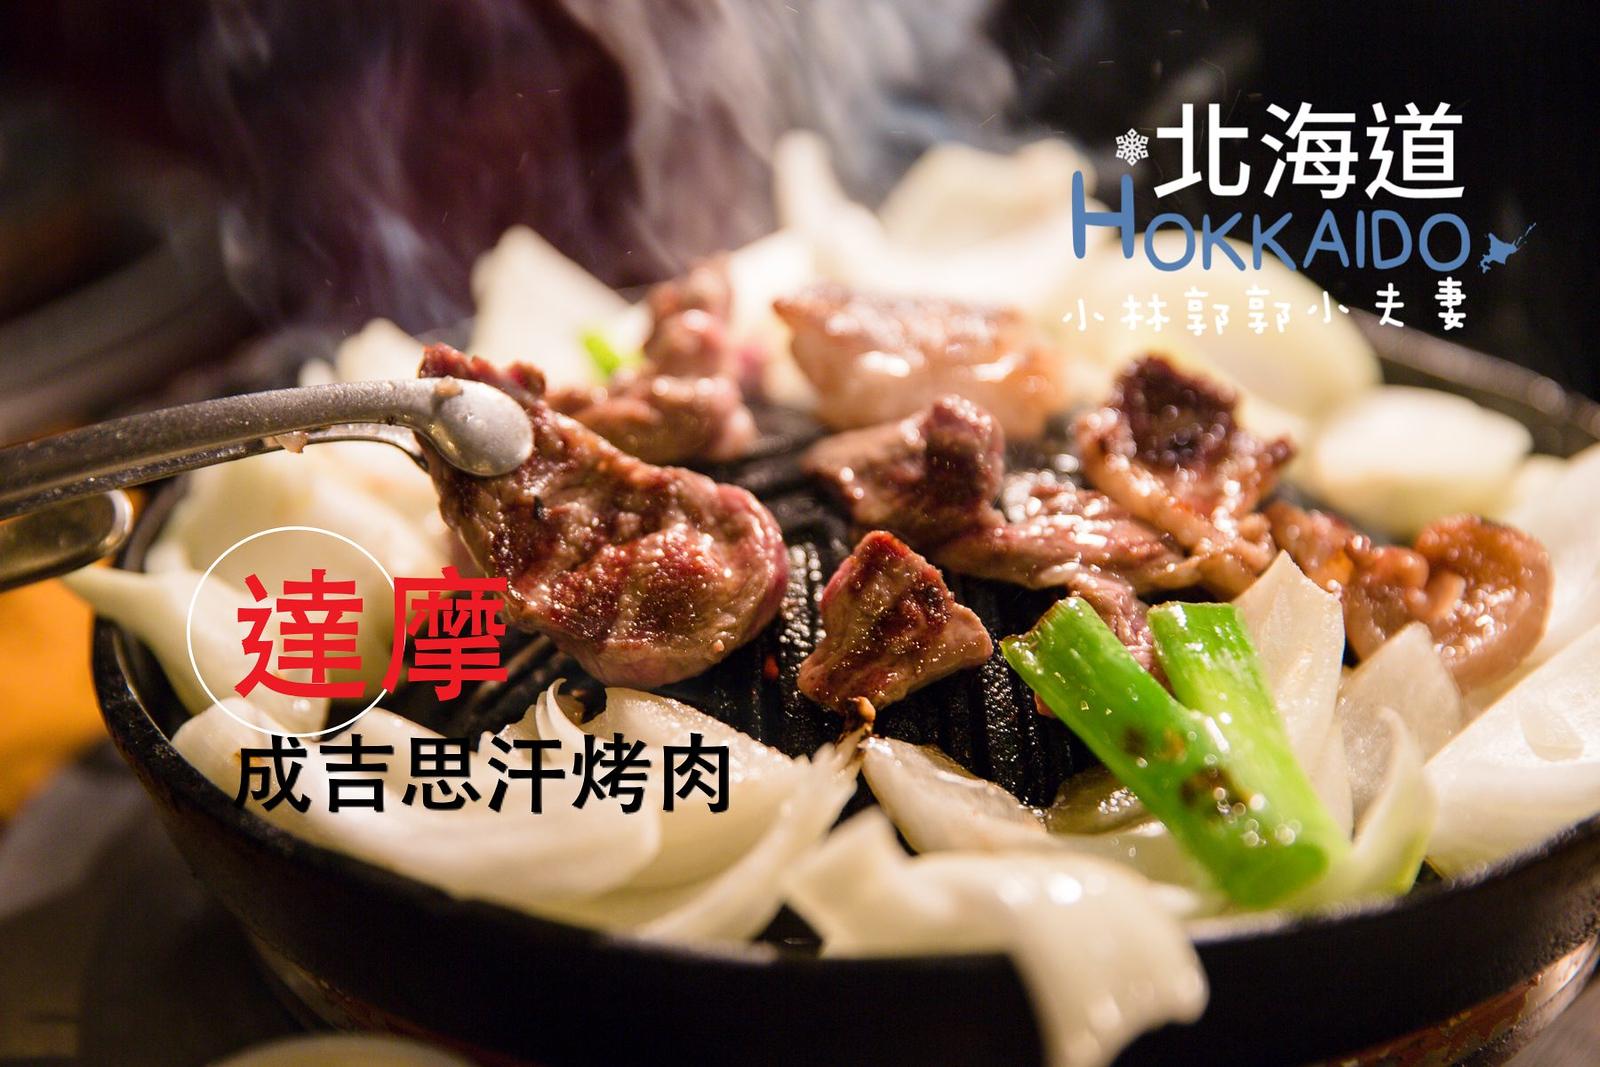 北海道札幌薄野必吃:達摩成吉思汗烤肉4.4店2階亭